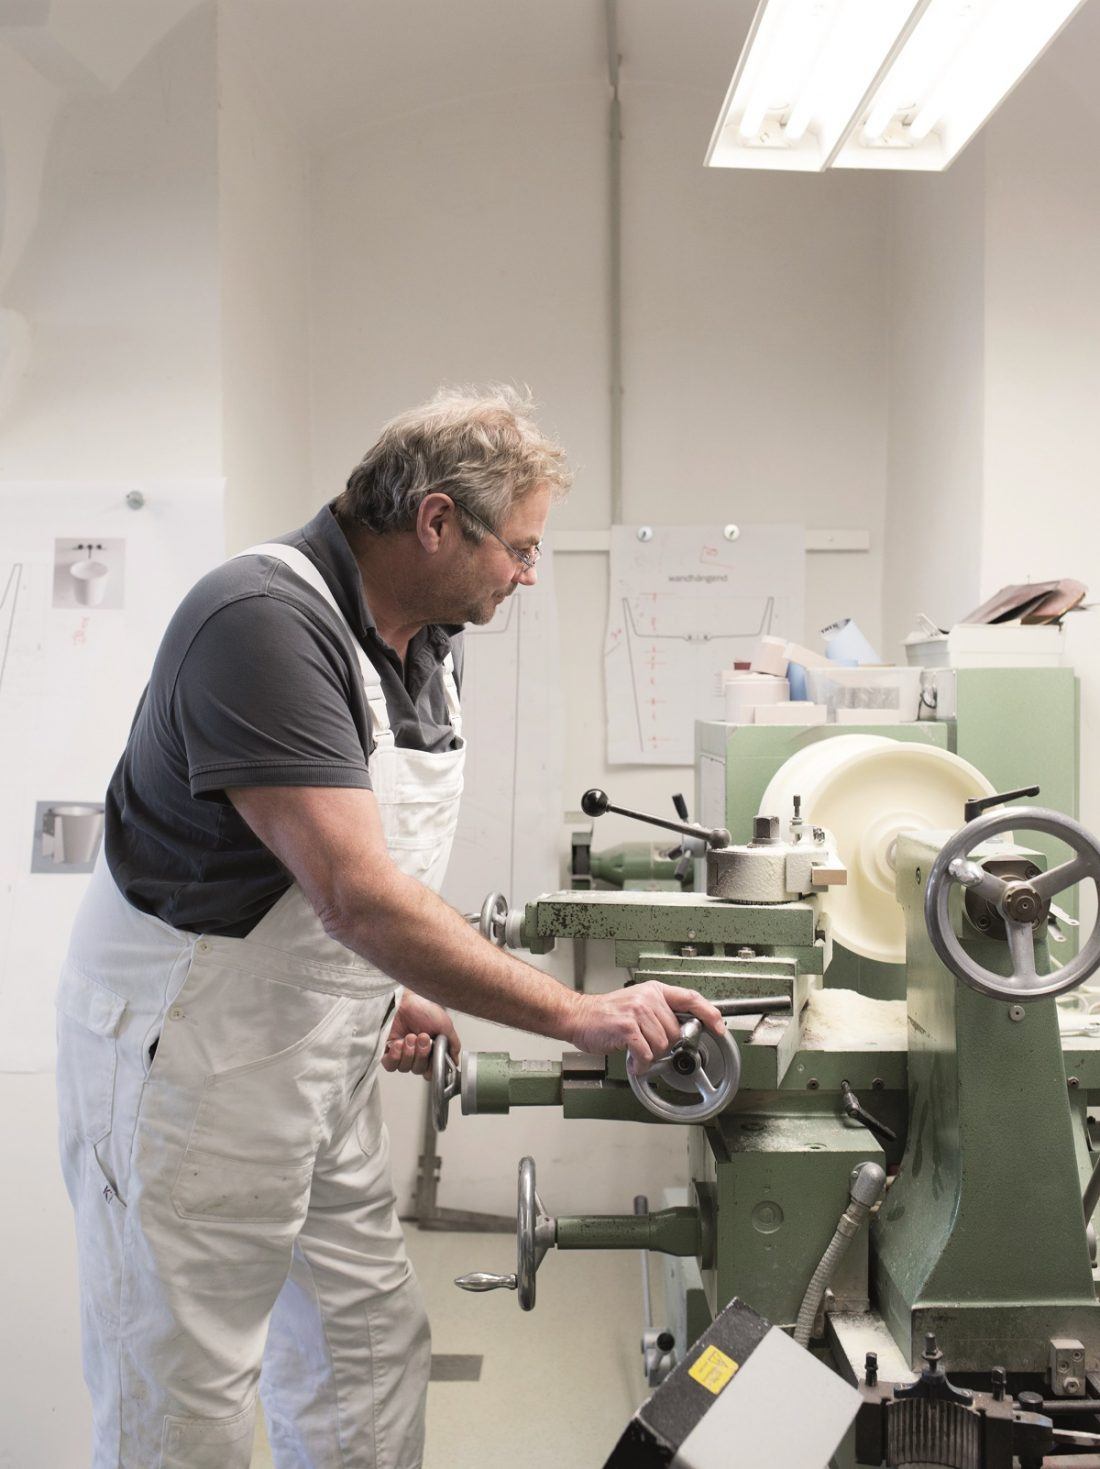 Modele i prototypy produktów tworzonych dla Alape powstają w warsztatach sieger design. Fot. Alape